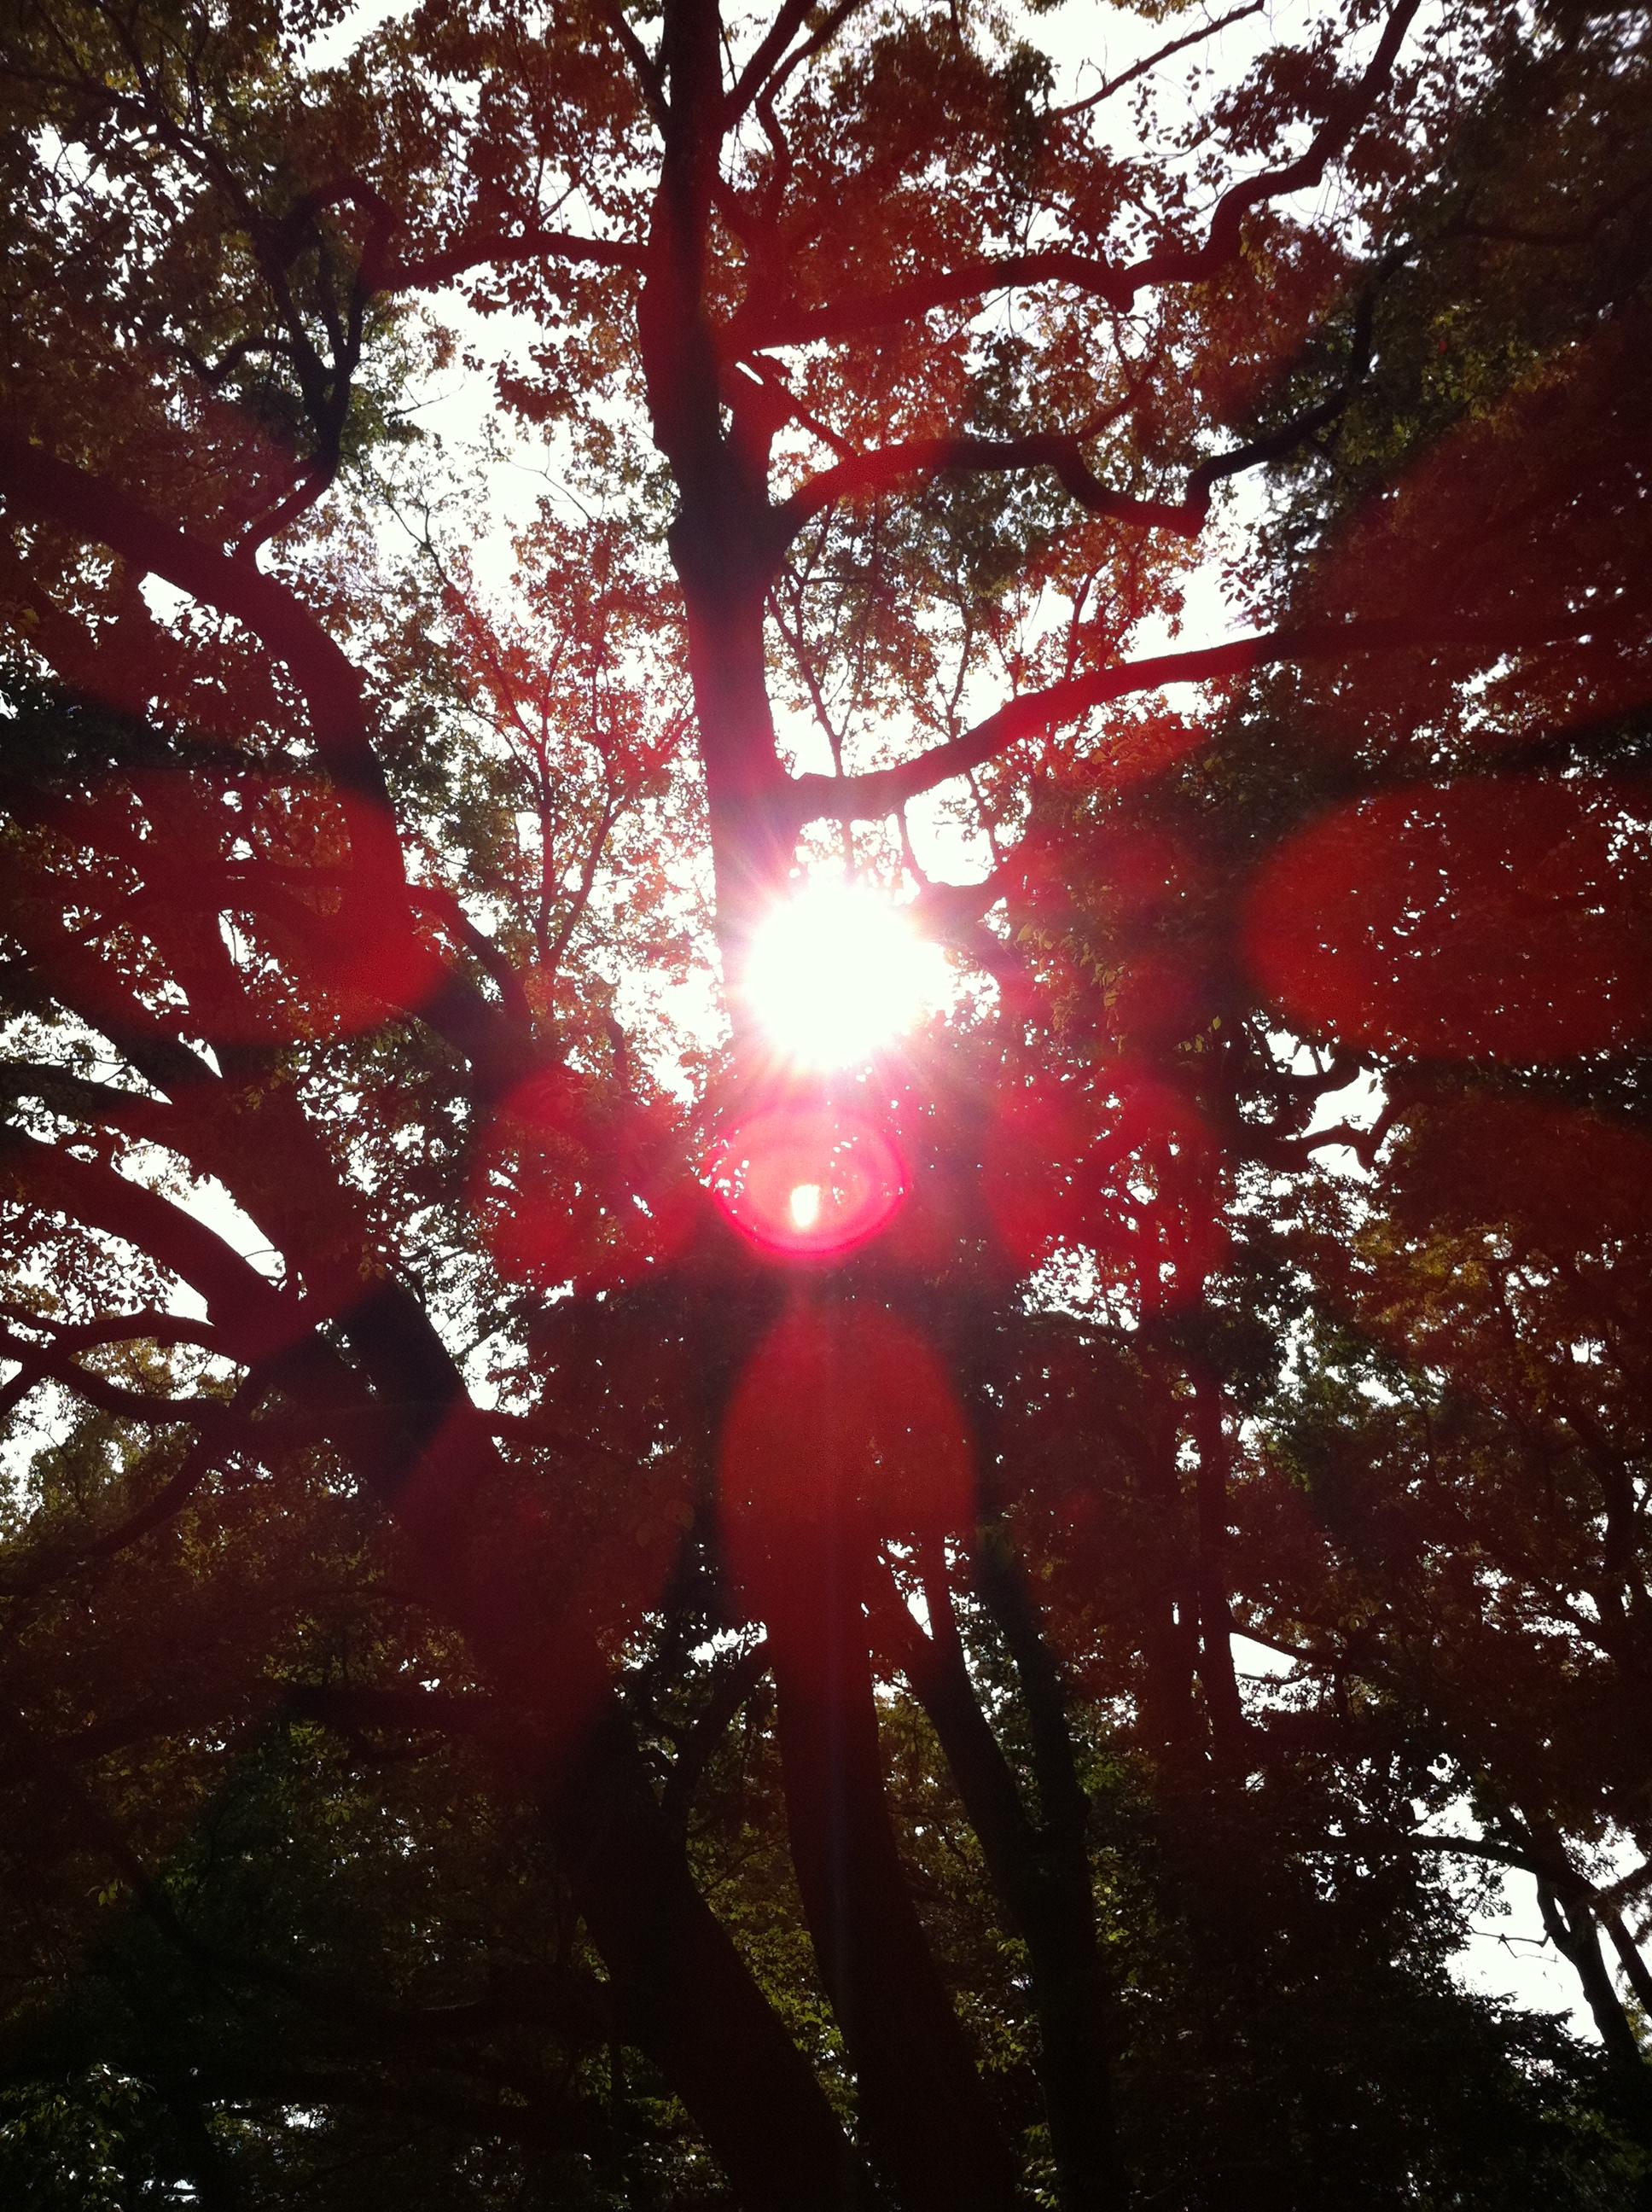 2011年10月29日 木漏れ日が綺麗です。